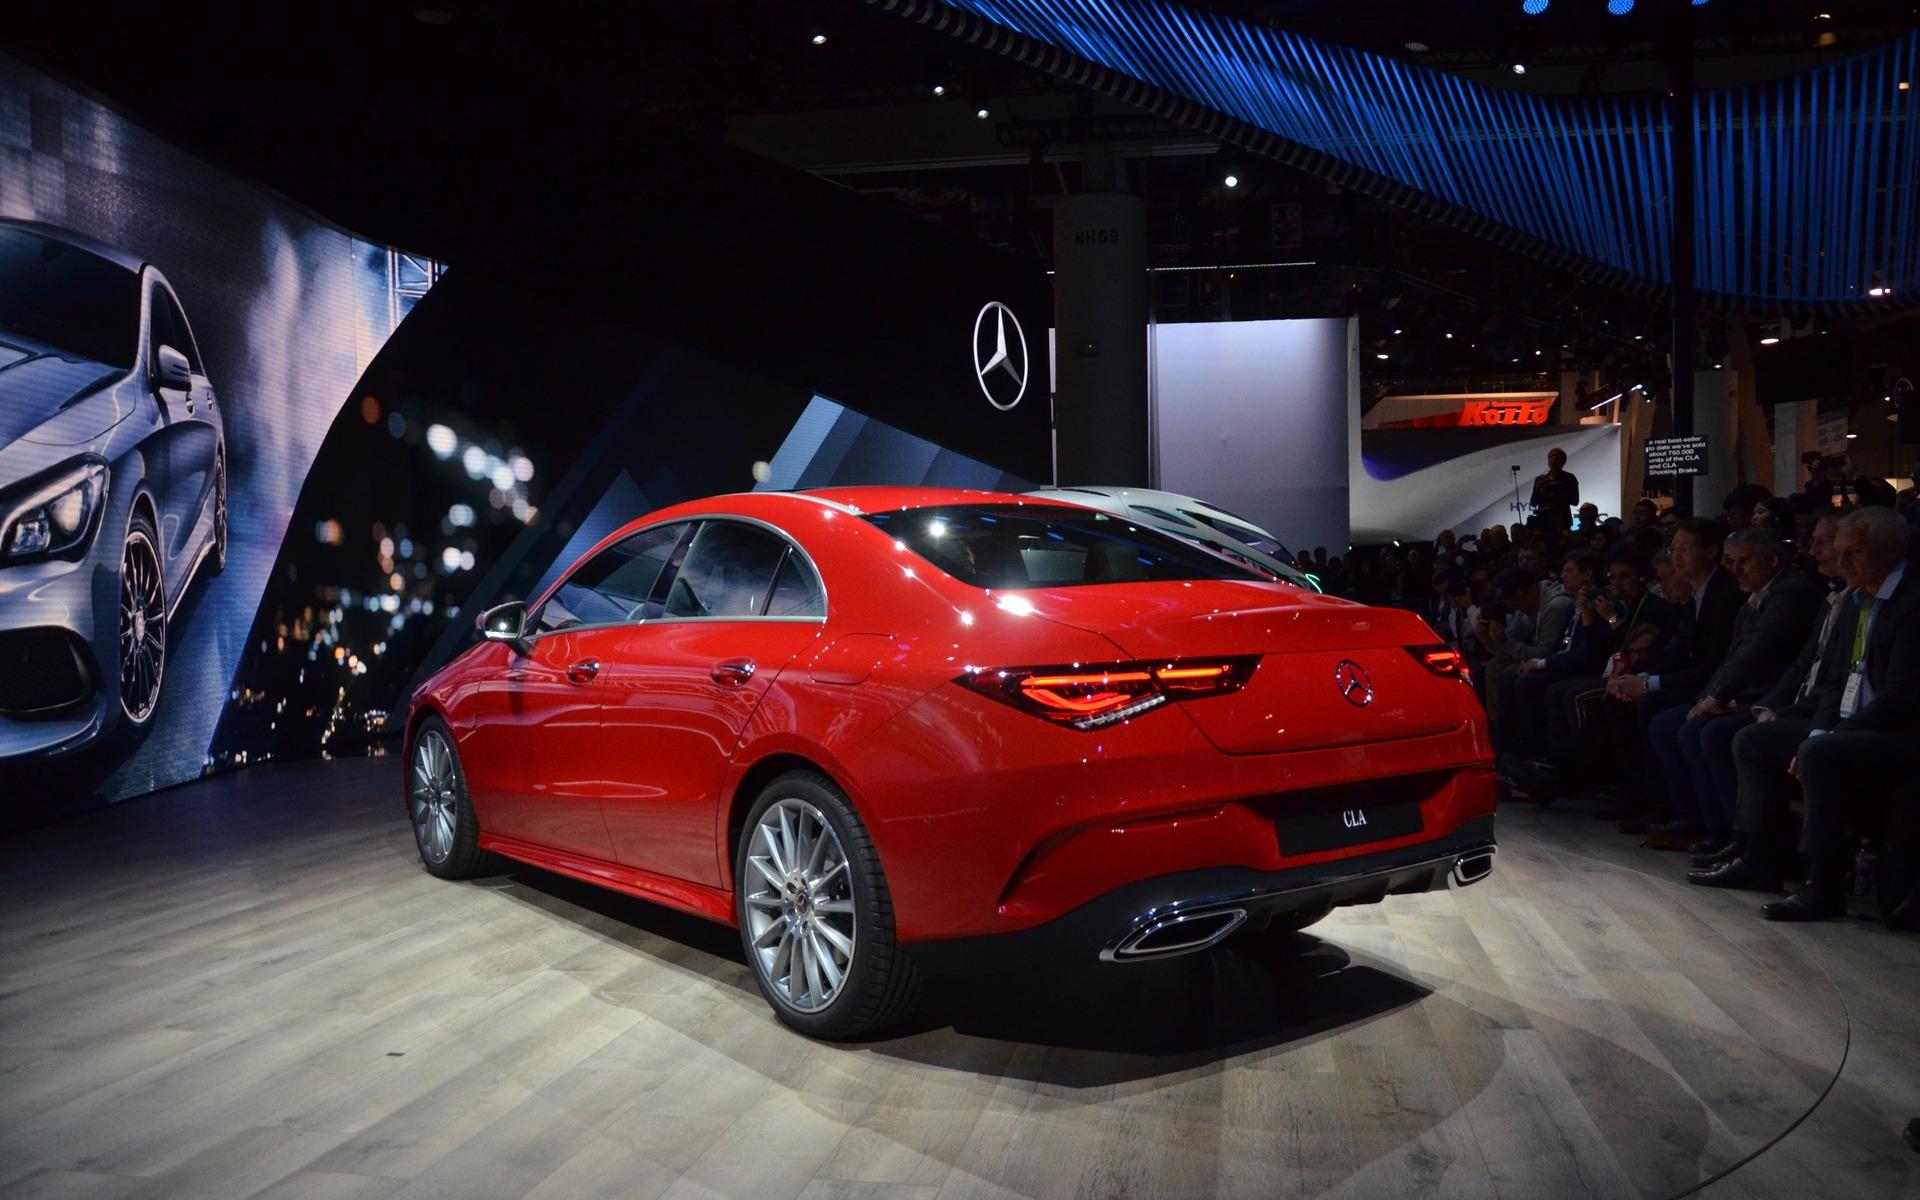 Mercedes-Benz CLA 2019 : la deuxième génération arrive au CES 362114_Mercedes-Benz_CLA_2019_-_Premiere_mondiale_de_la_CLA_de_deuxieme_generation_au_CES_2019